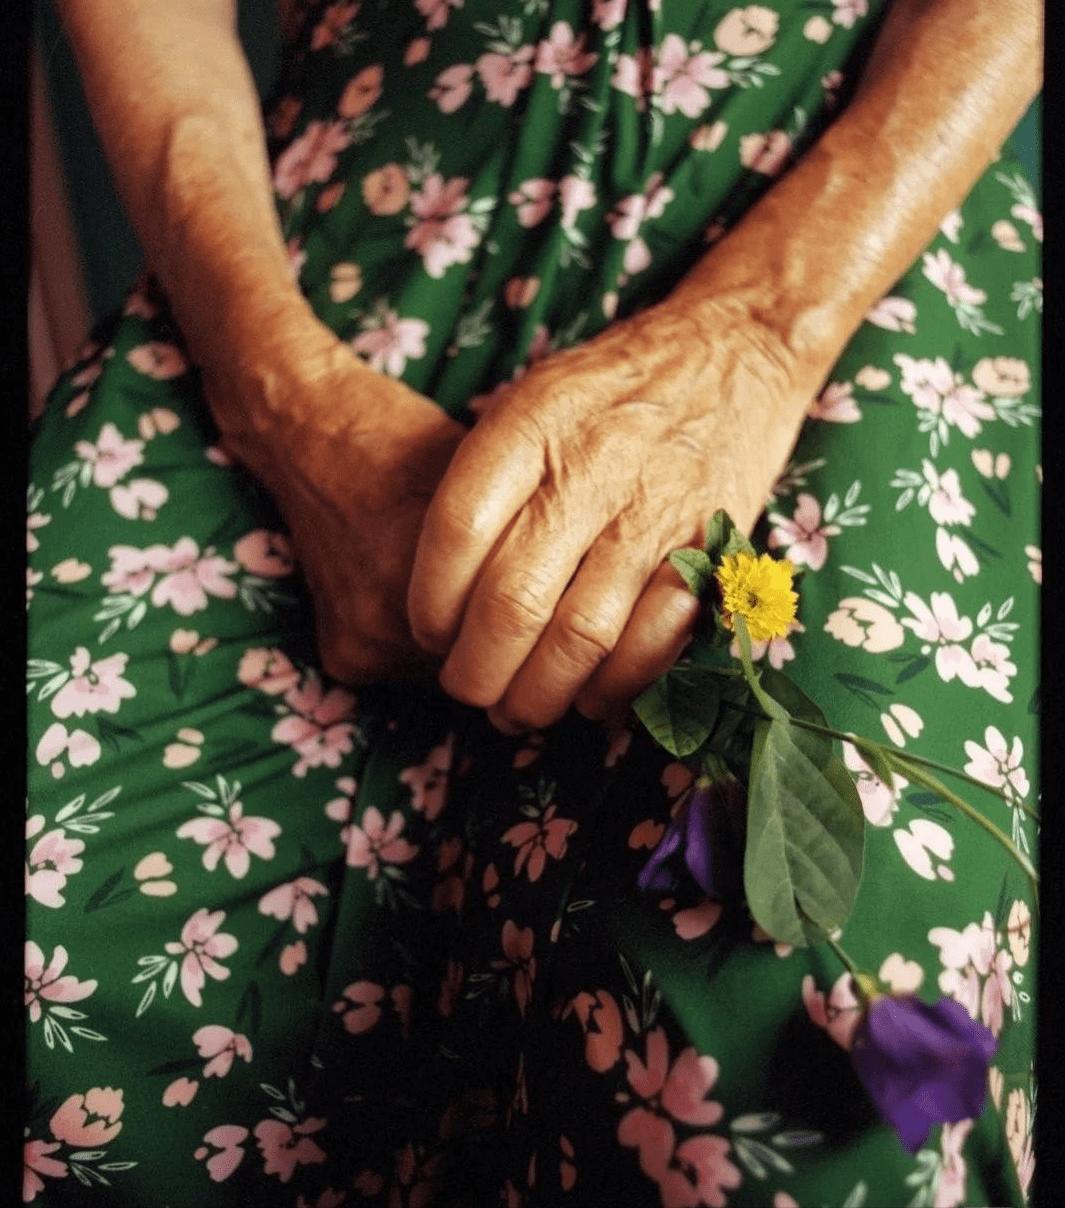 这位老奶奶时髦火了!她的穿衣简单又舒服,慈祥可亲又好显气质